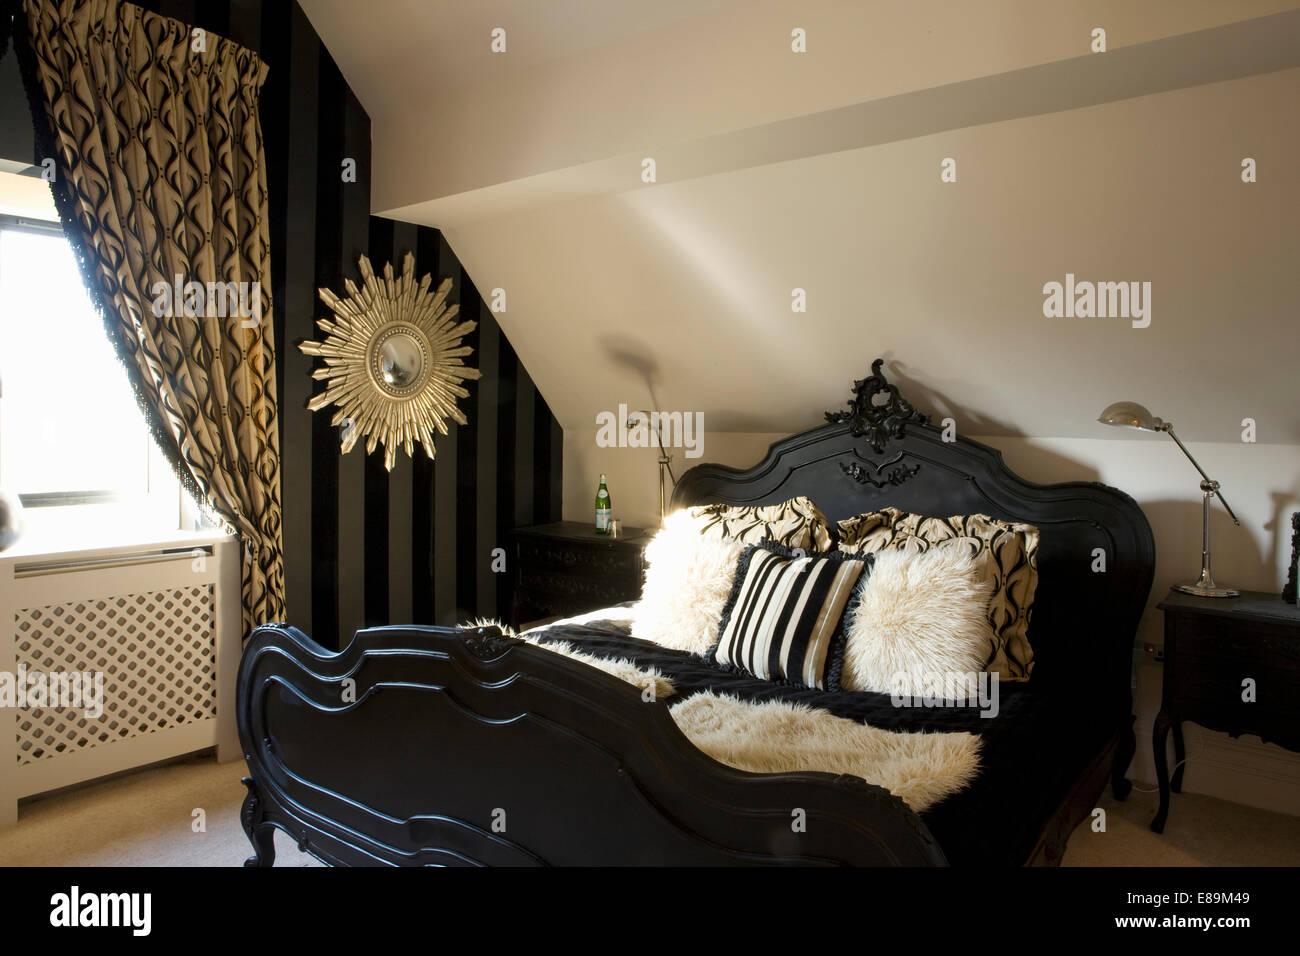 Zeitgenössischen Stil Schwarz Bett Mit Kunstpelz Kissen Im Loft Conversion  Schlafzimmer Mit Schwarz + Gold Gemusterten Vorhang